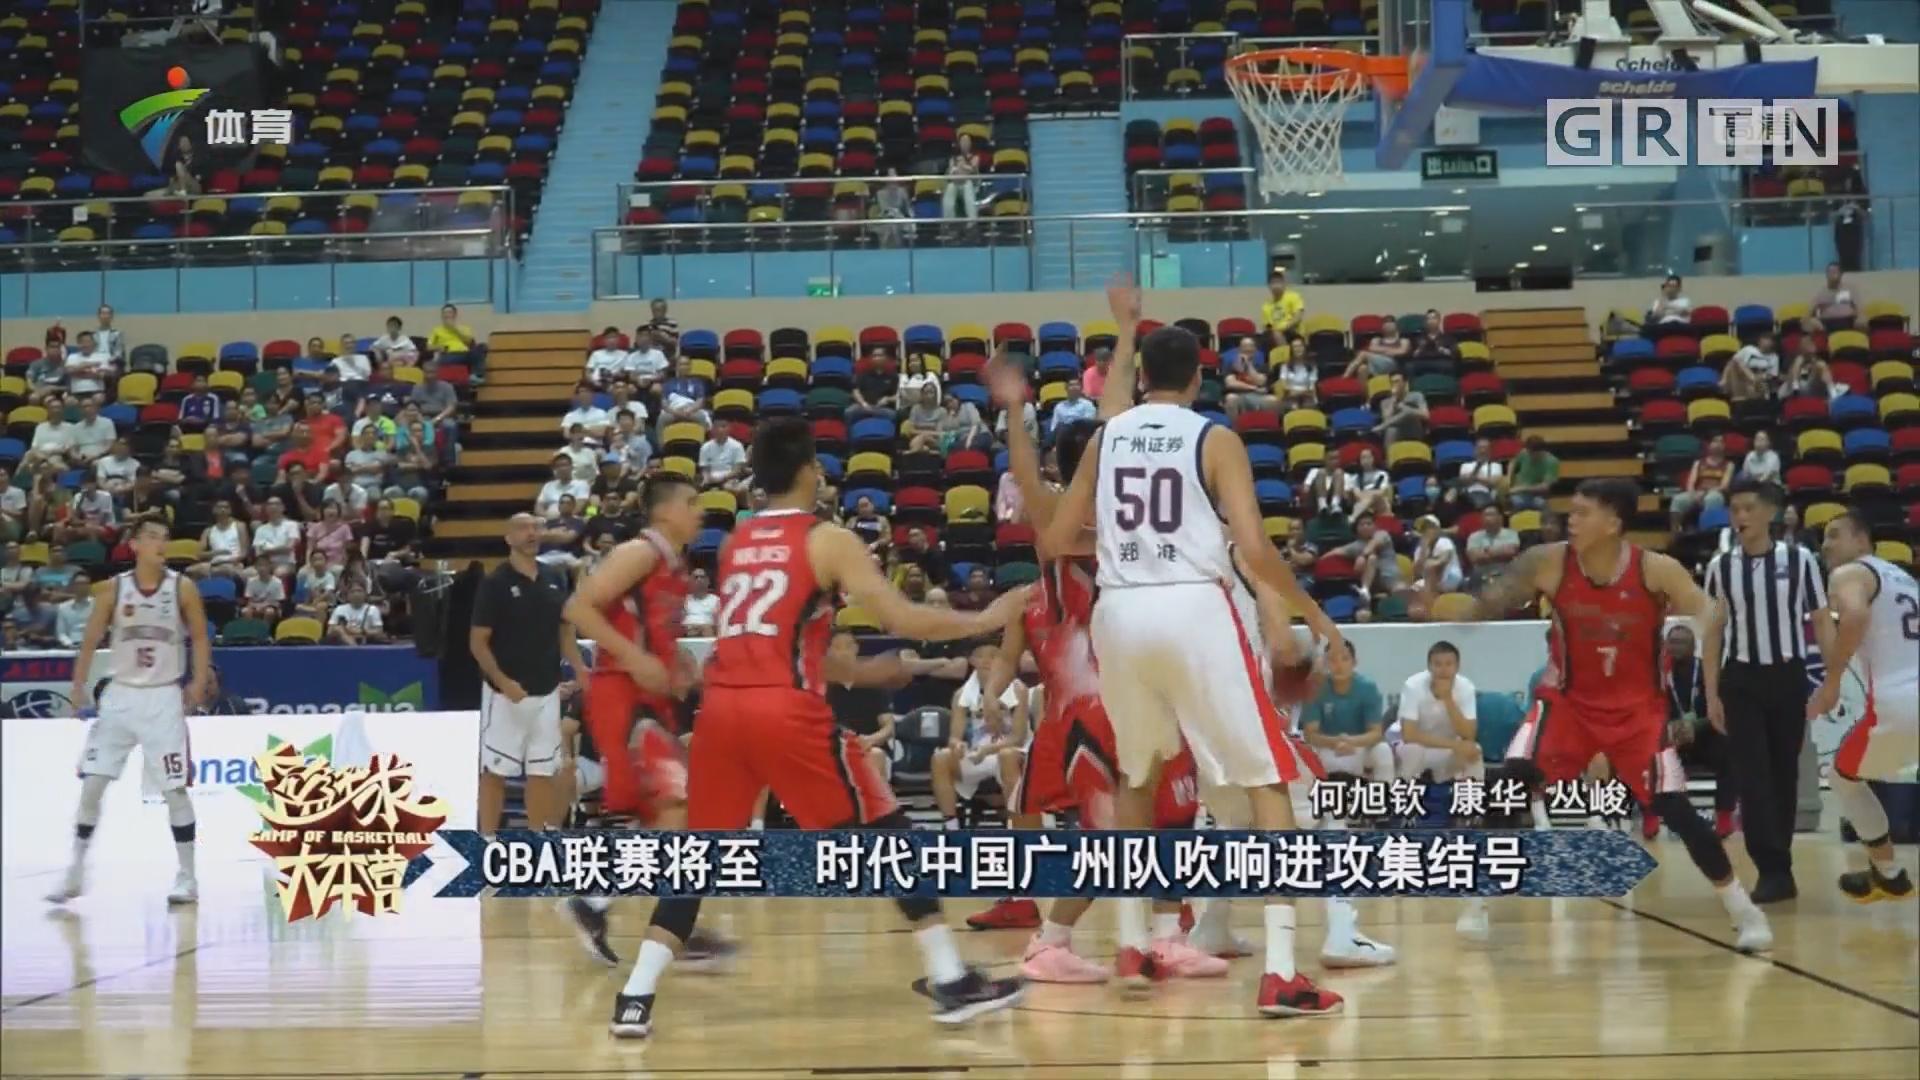 CBA联赛将至 时代中国广州队吹响进攻集结号